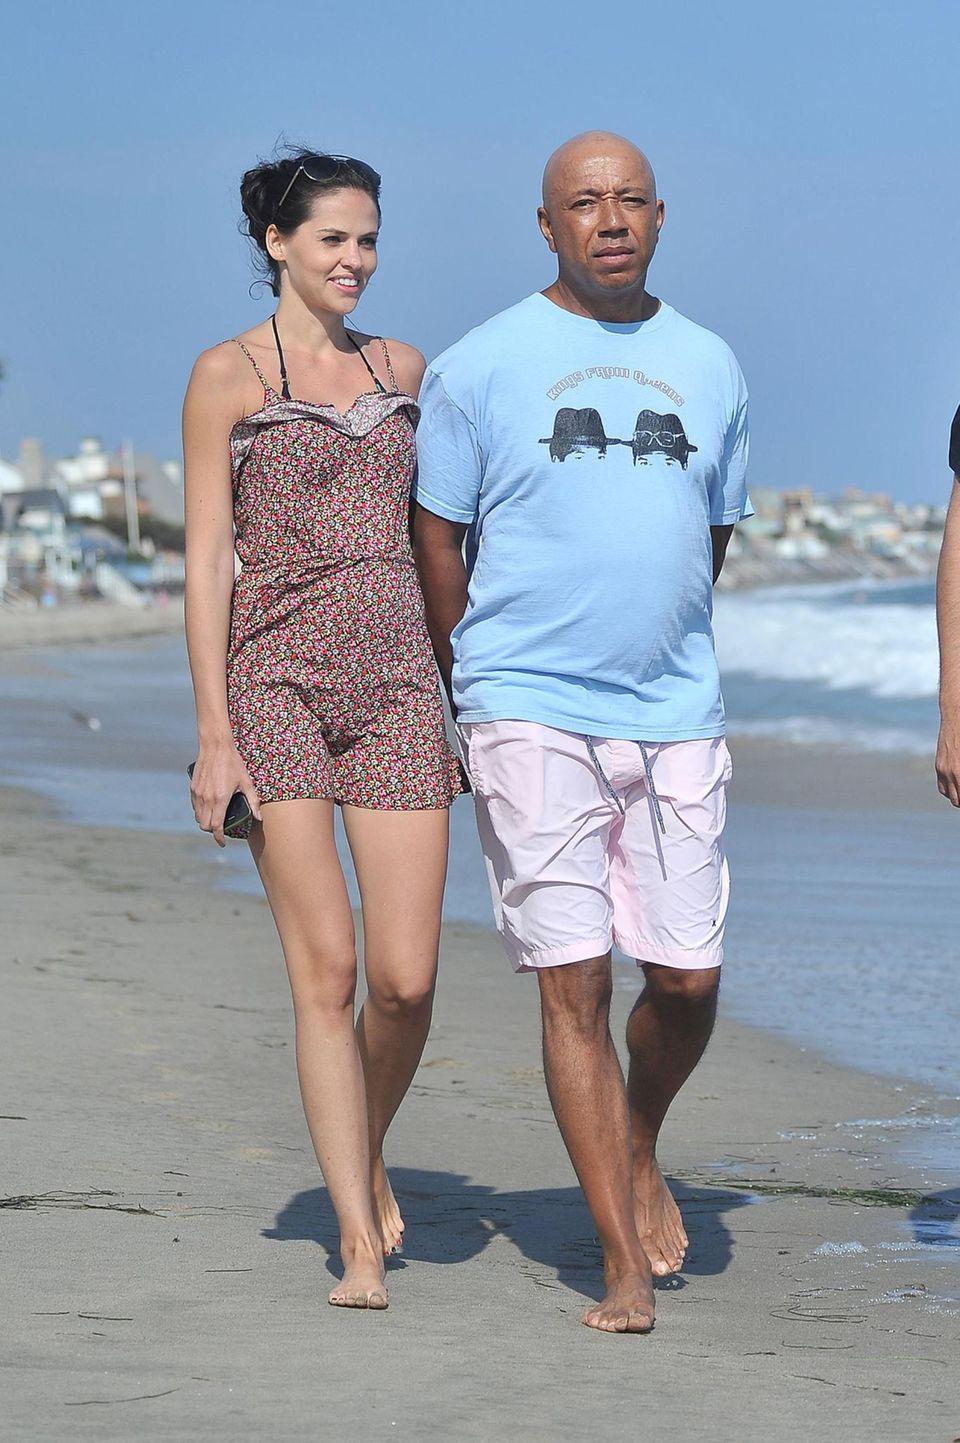 6. Juli 2013: Hana Nitsche und Russell Simmons zeigen sich wieder in trauter Zweisamkeit am Strand von Malibu. Noch im Februar hatten die Ex-GNTM-Kandidatin und der Hip-Hop-Produzent ihre Trennung bekanntgegeben.